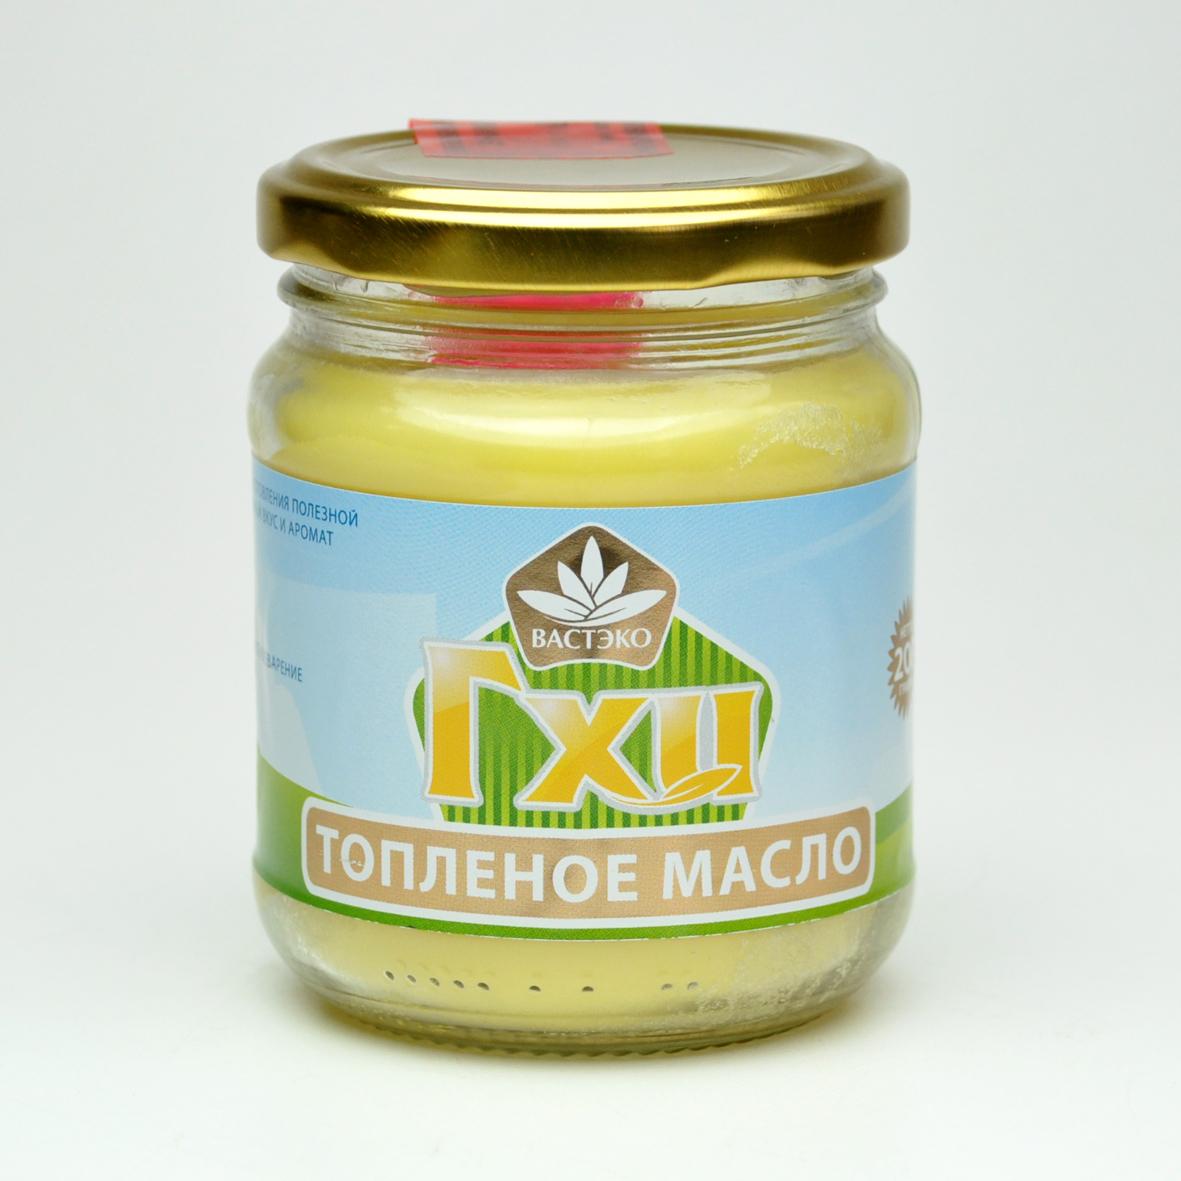 Сливочное масло ГХИ топленое 200 г